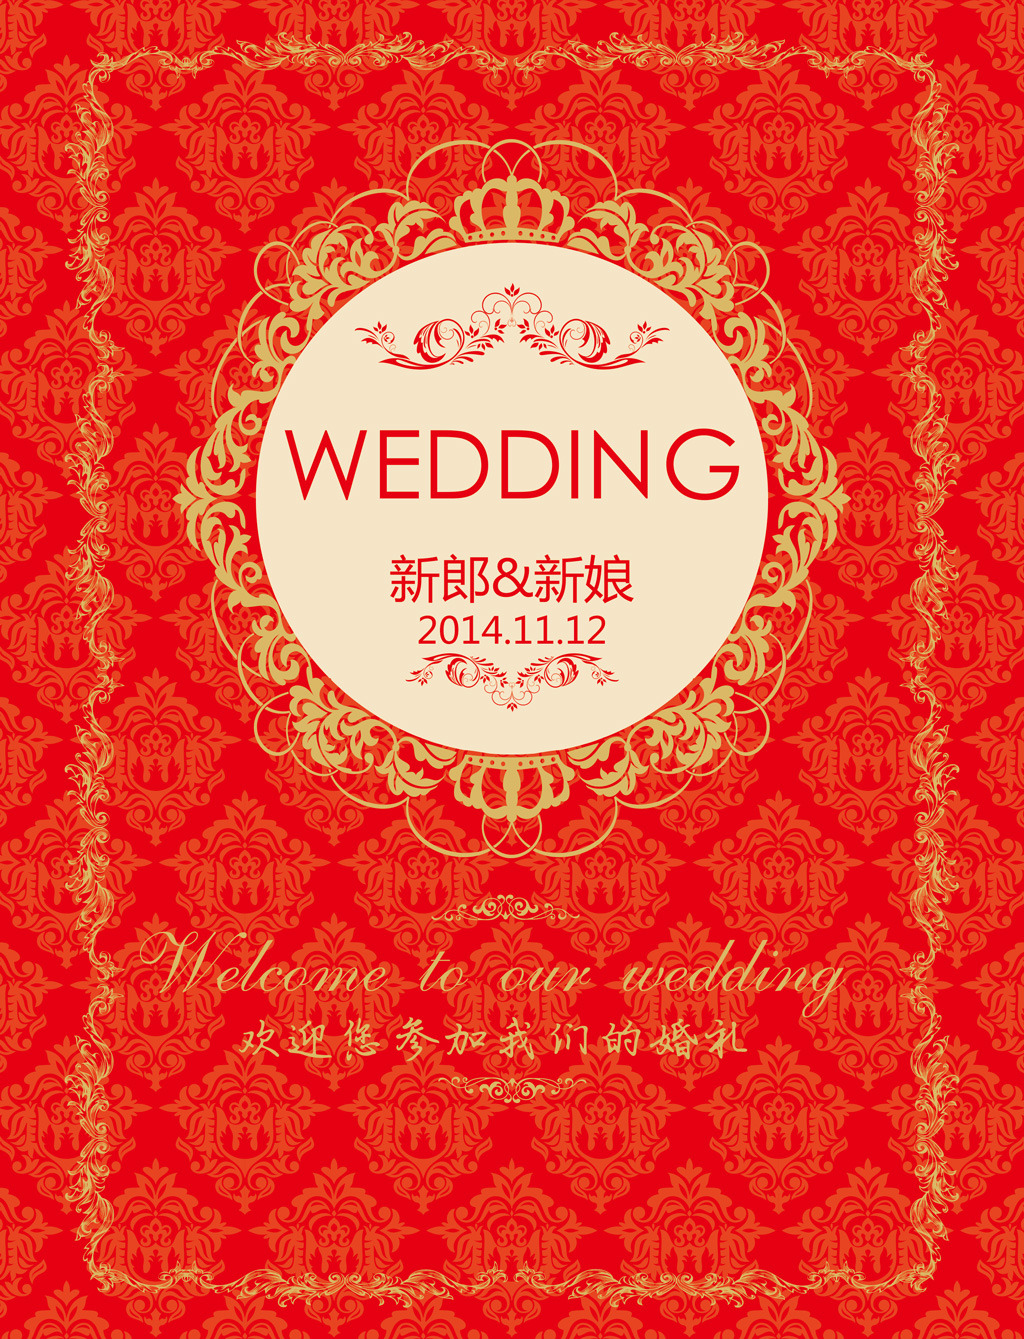 婚礼迎宾海报水牌指示牌psd设计模板